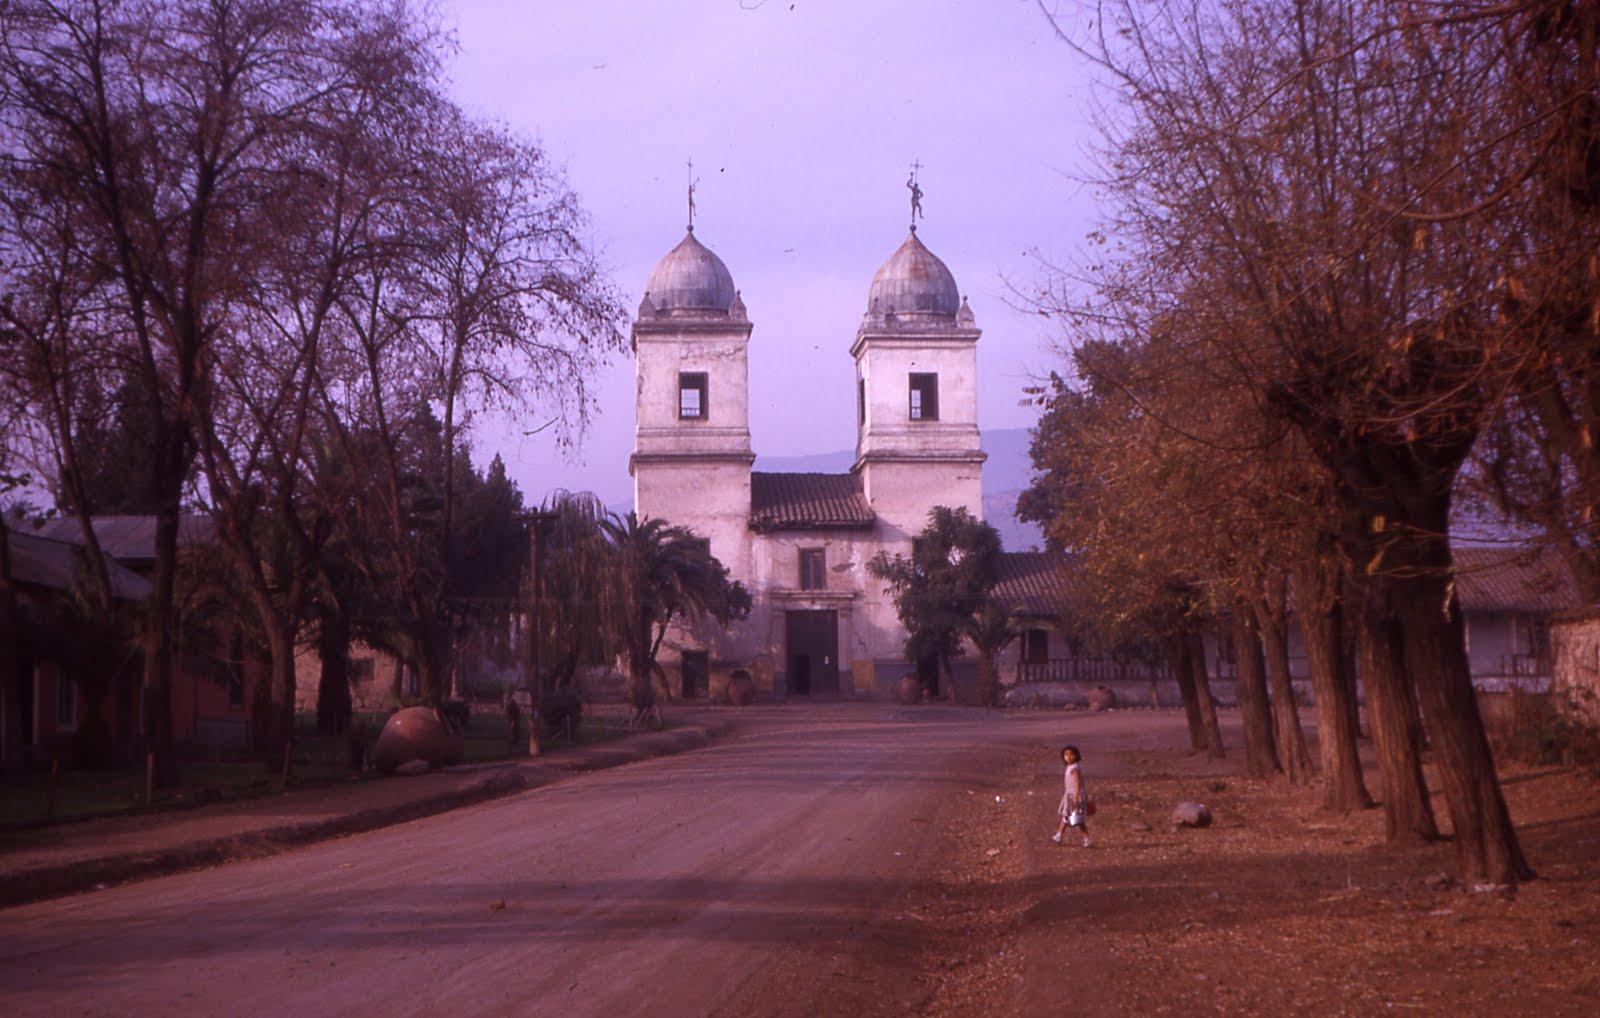 Enterreno - Fotos históricas de chile - fotos antiguas de Chile - Iglesia de Los Dominicos en 1963